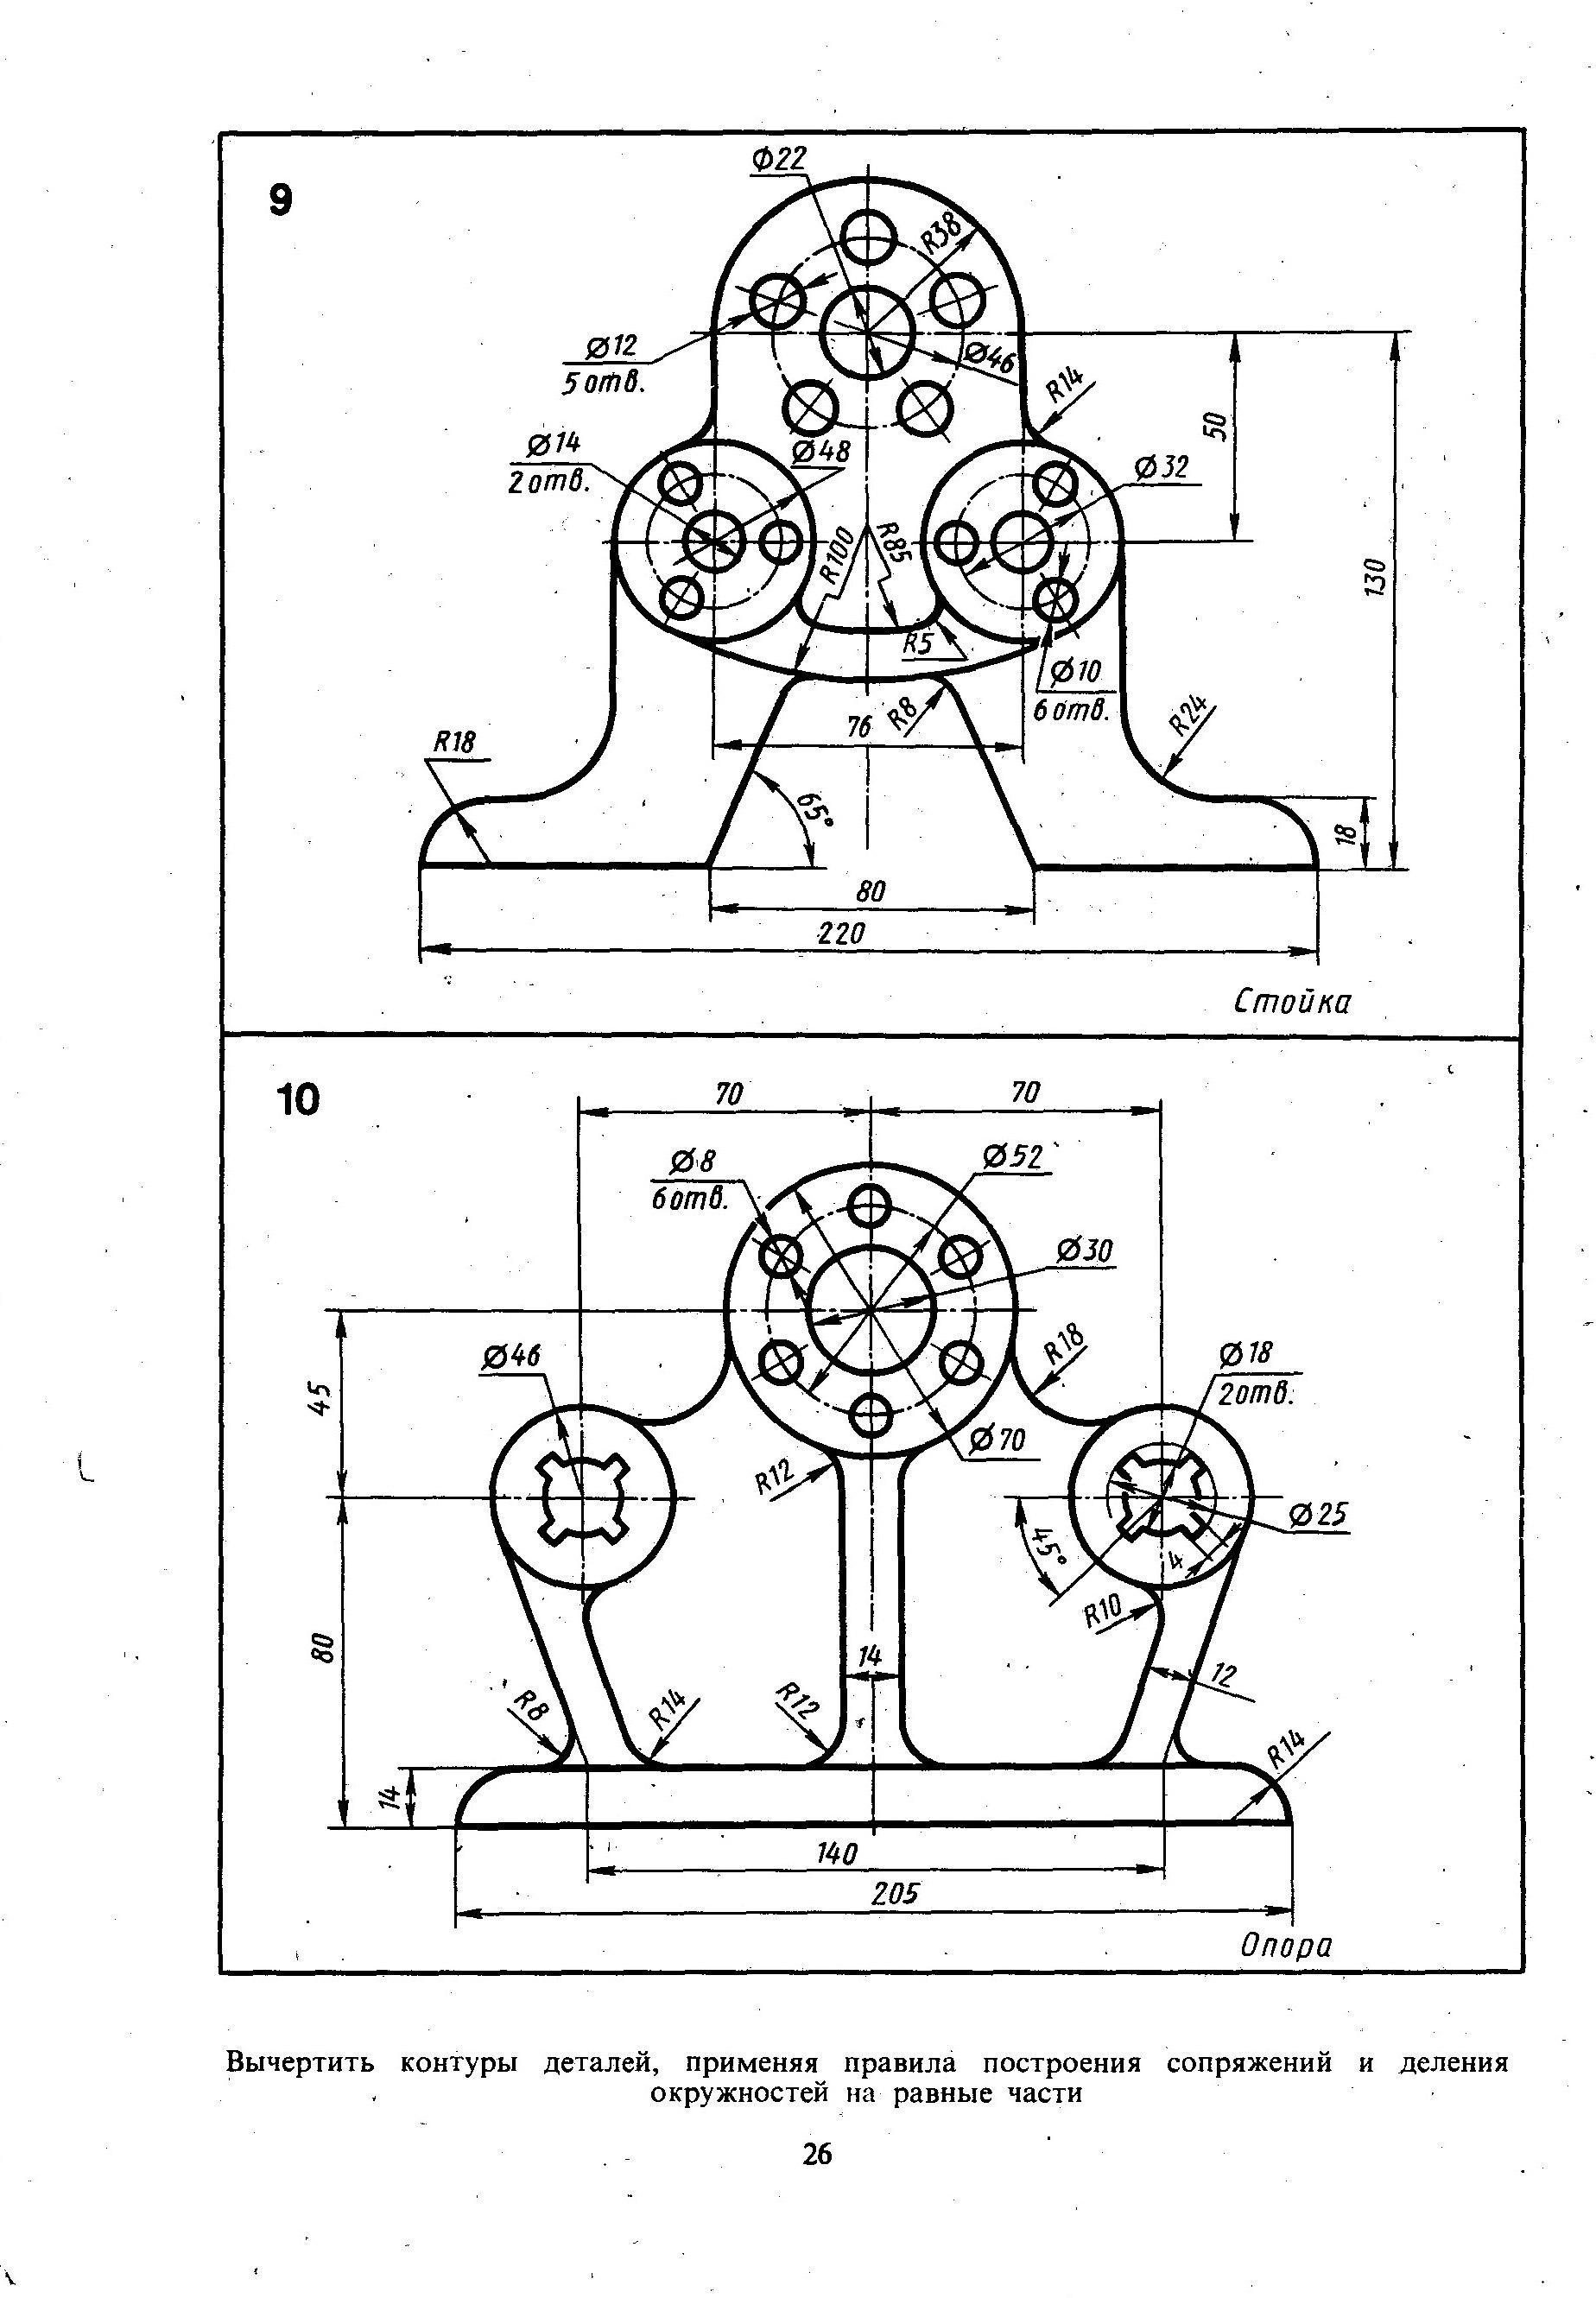 Миронова миронов инженерная решебник графика